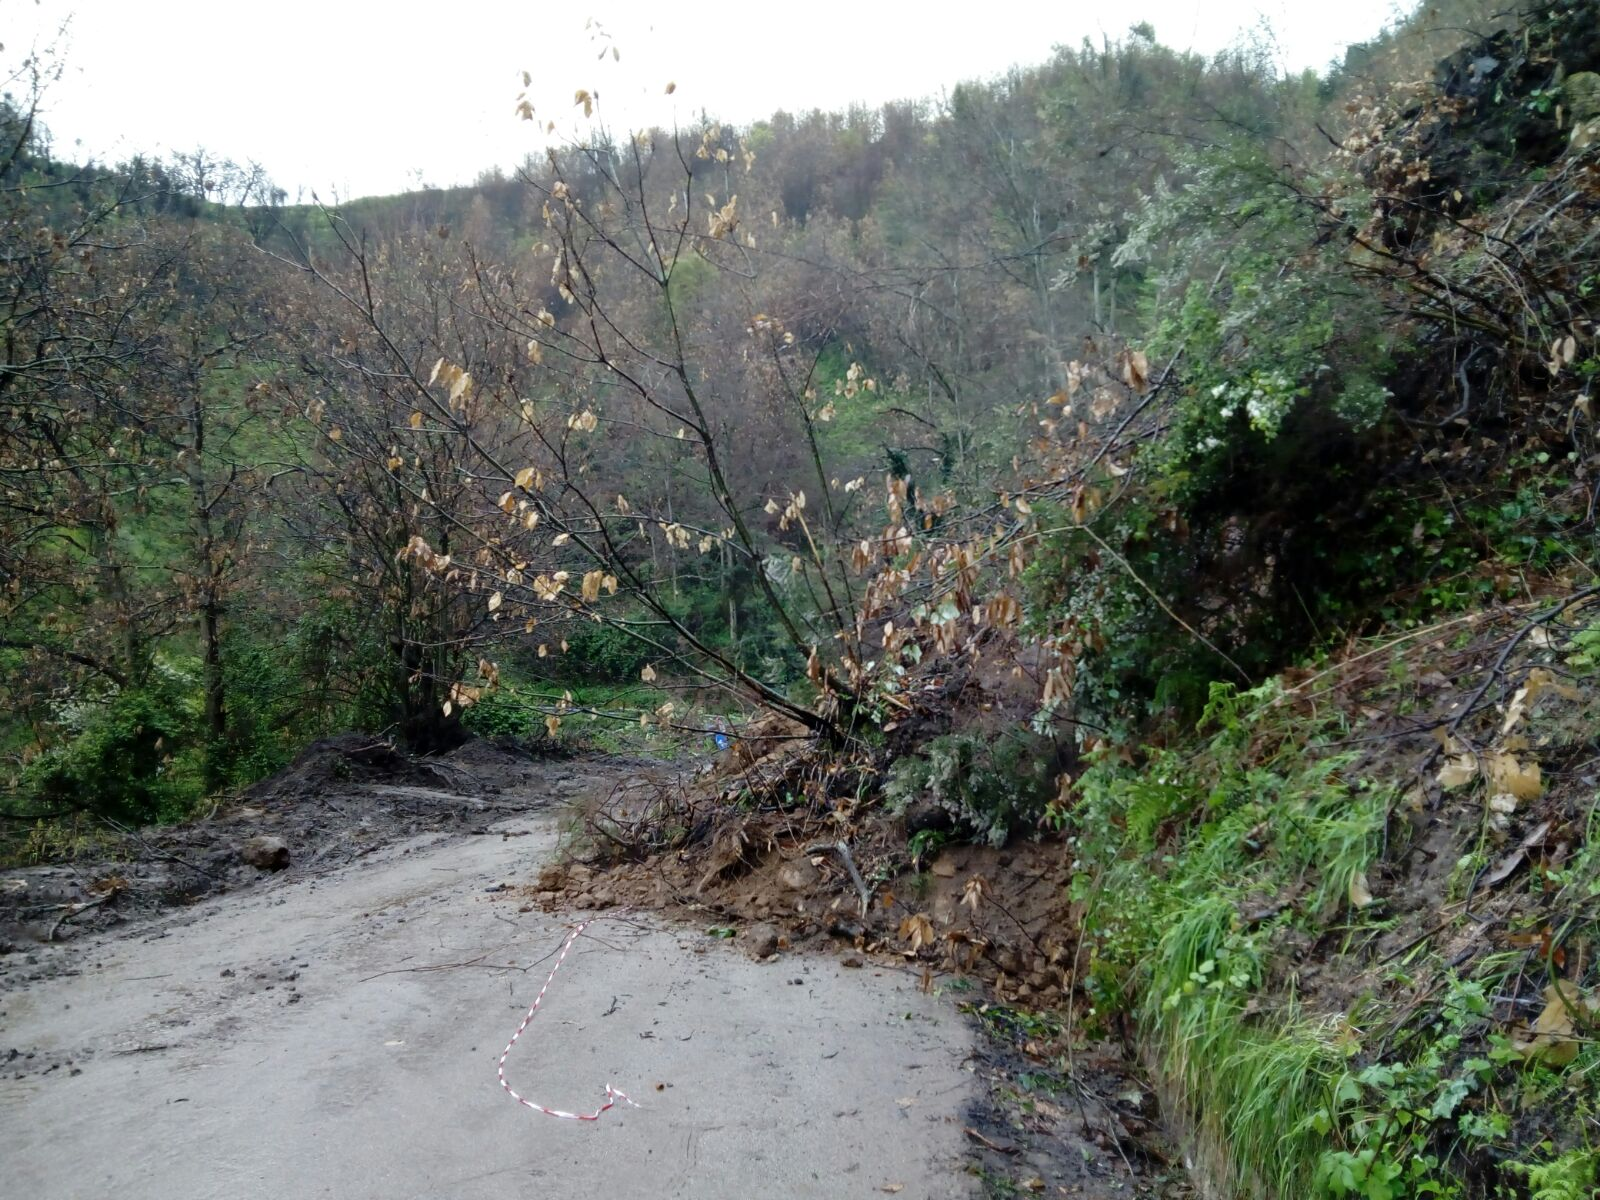 Continua a cedere la strada tra Acquaro e PianiSeconda frana in pochi giorni: chiusa la circolazione